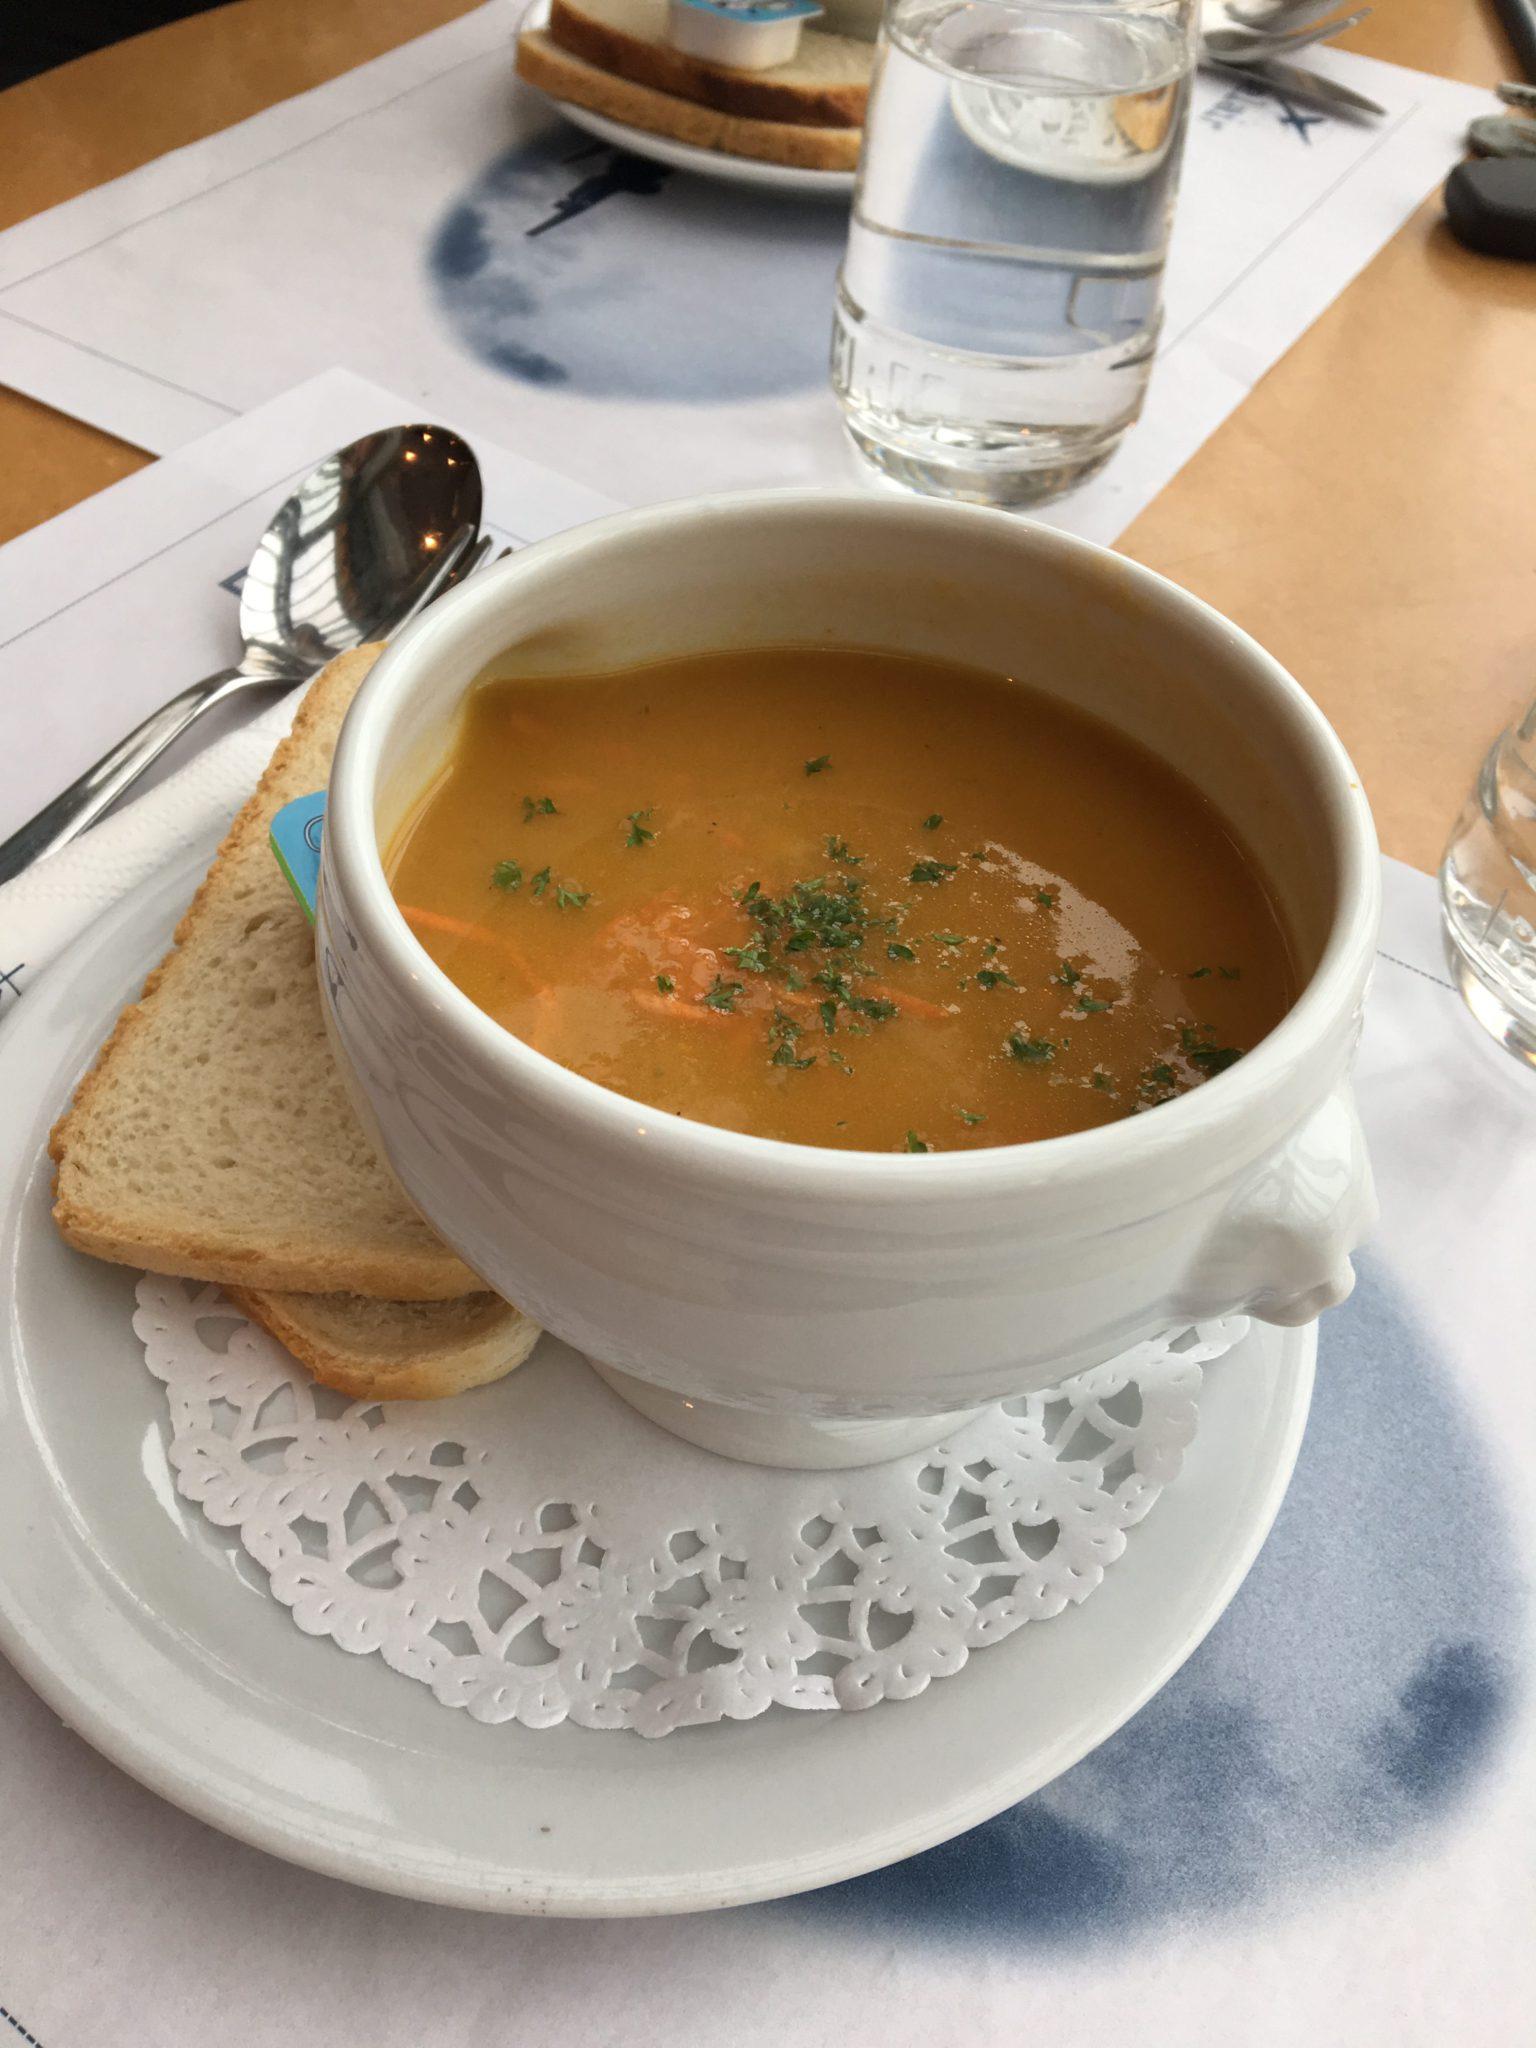 Soep van de dag was lekkere wortelsoep.